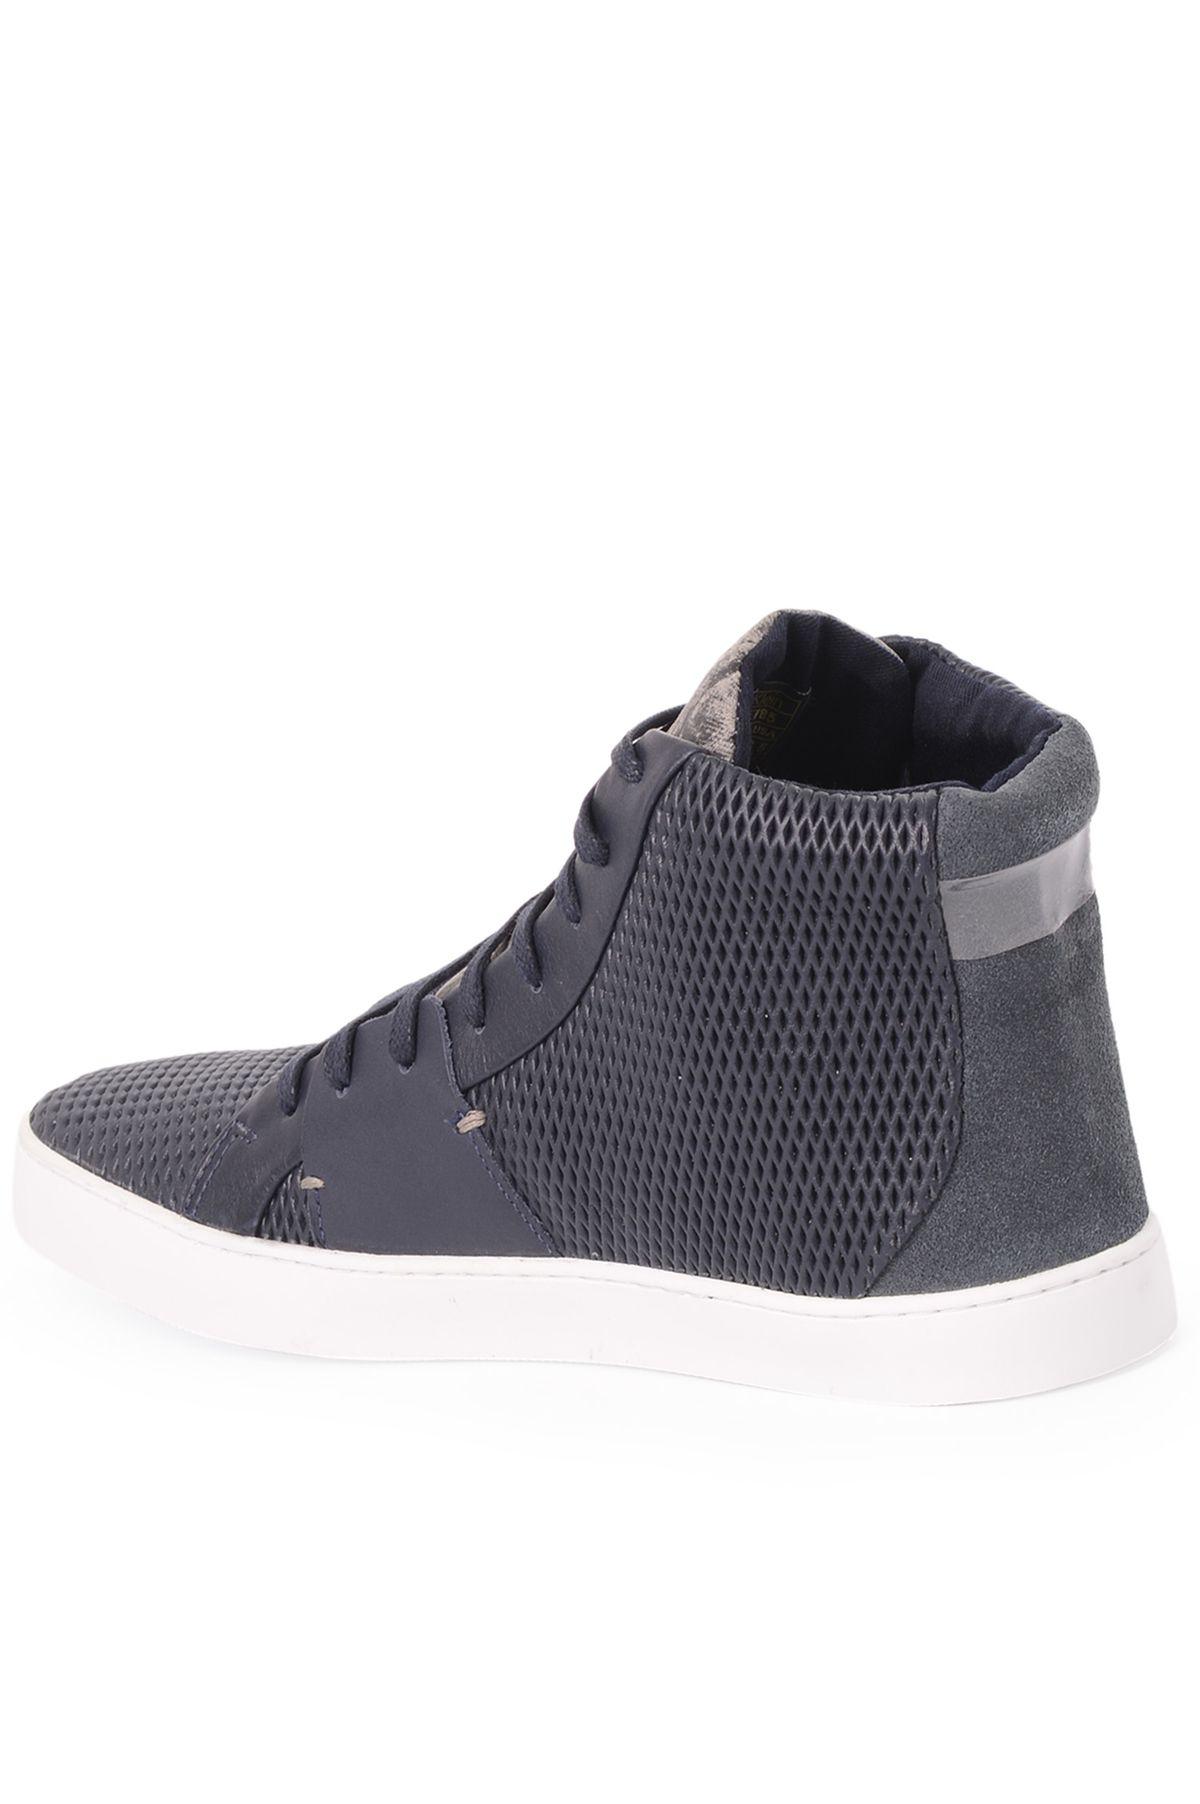 Bota Calvin Klein Hamburgo   Mundial Calçados - Mundial Calçados 69b37d59ce